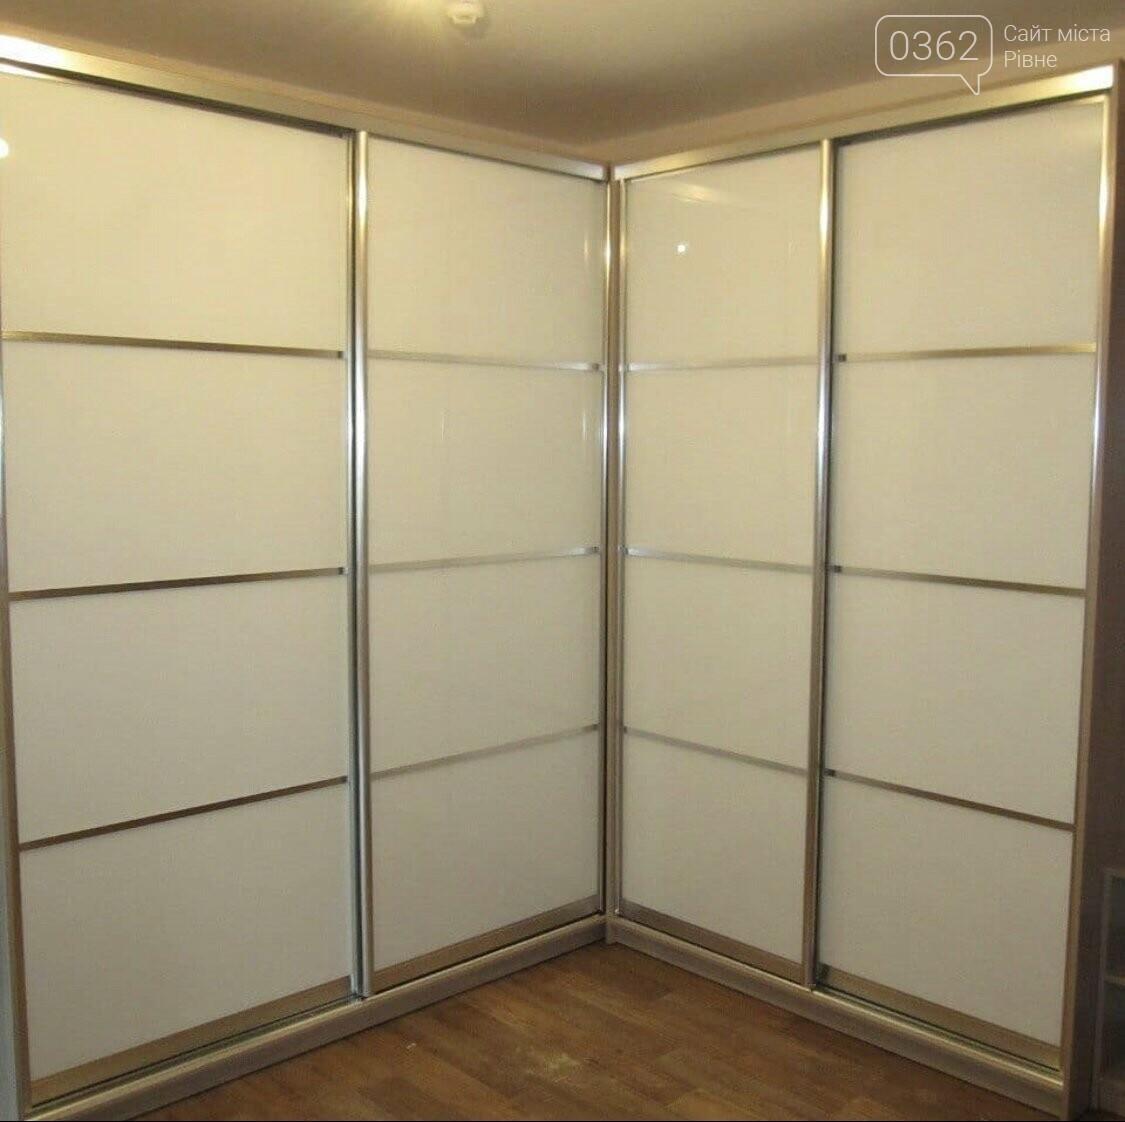 Як обрати меблі в маленьку квартиру? Практичні поради експерта, фото-1